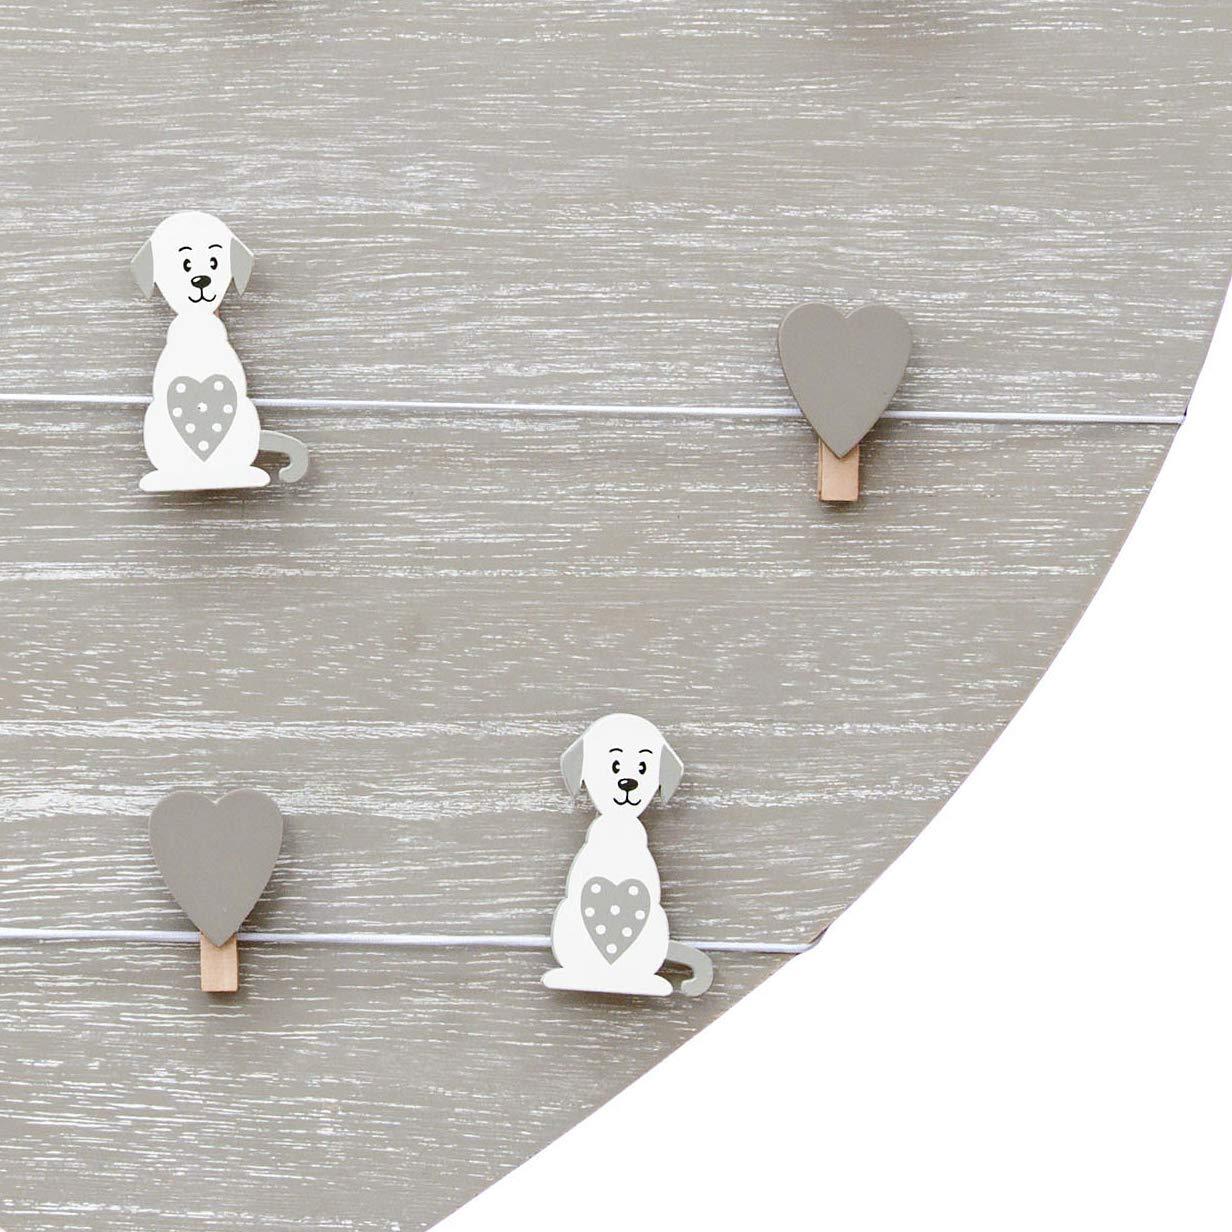 Tablero de notas, tablero de mensajes, marco de fotos de madera 39x39cm forma de corazón panel de pared para colgar con clips corazones y perros, ...